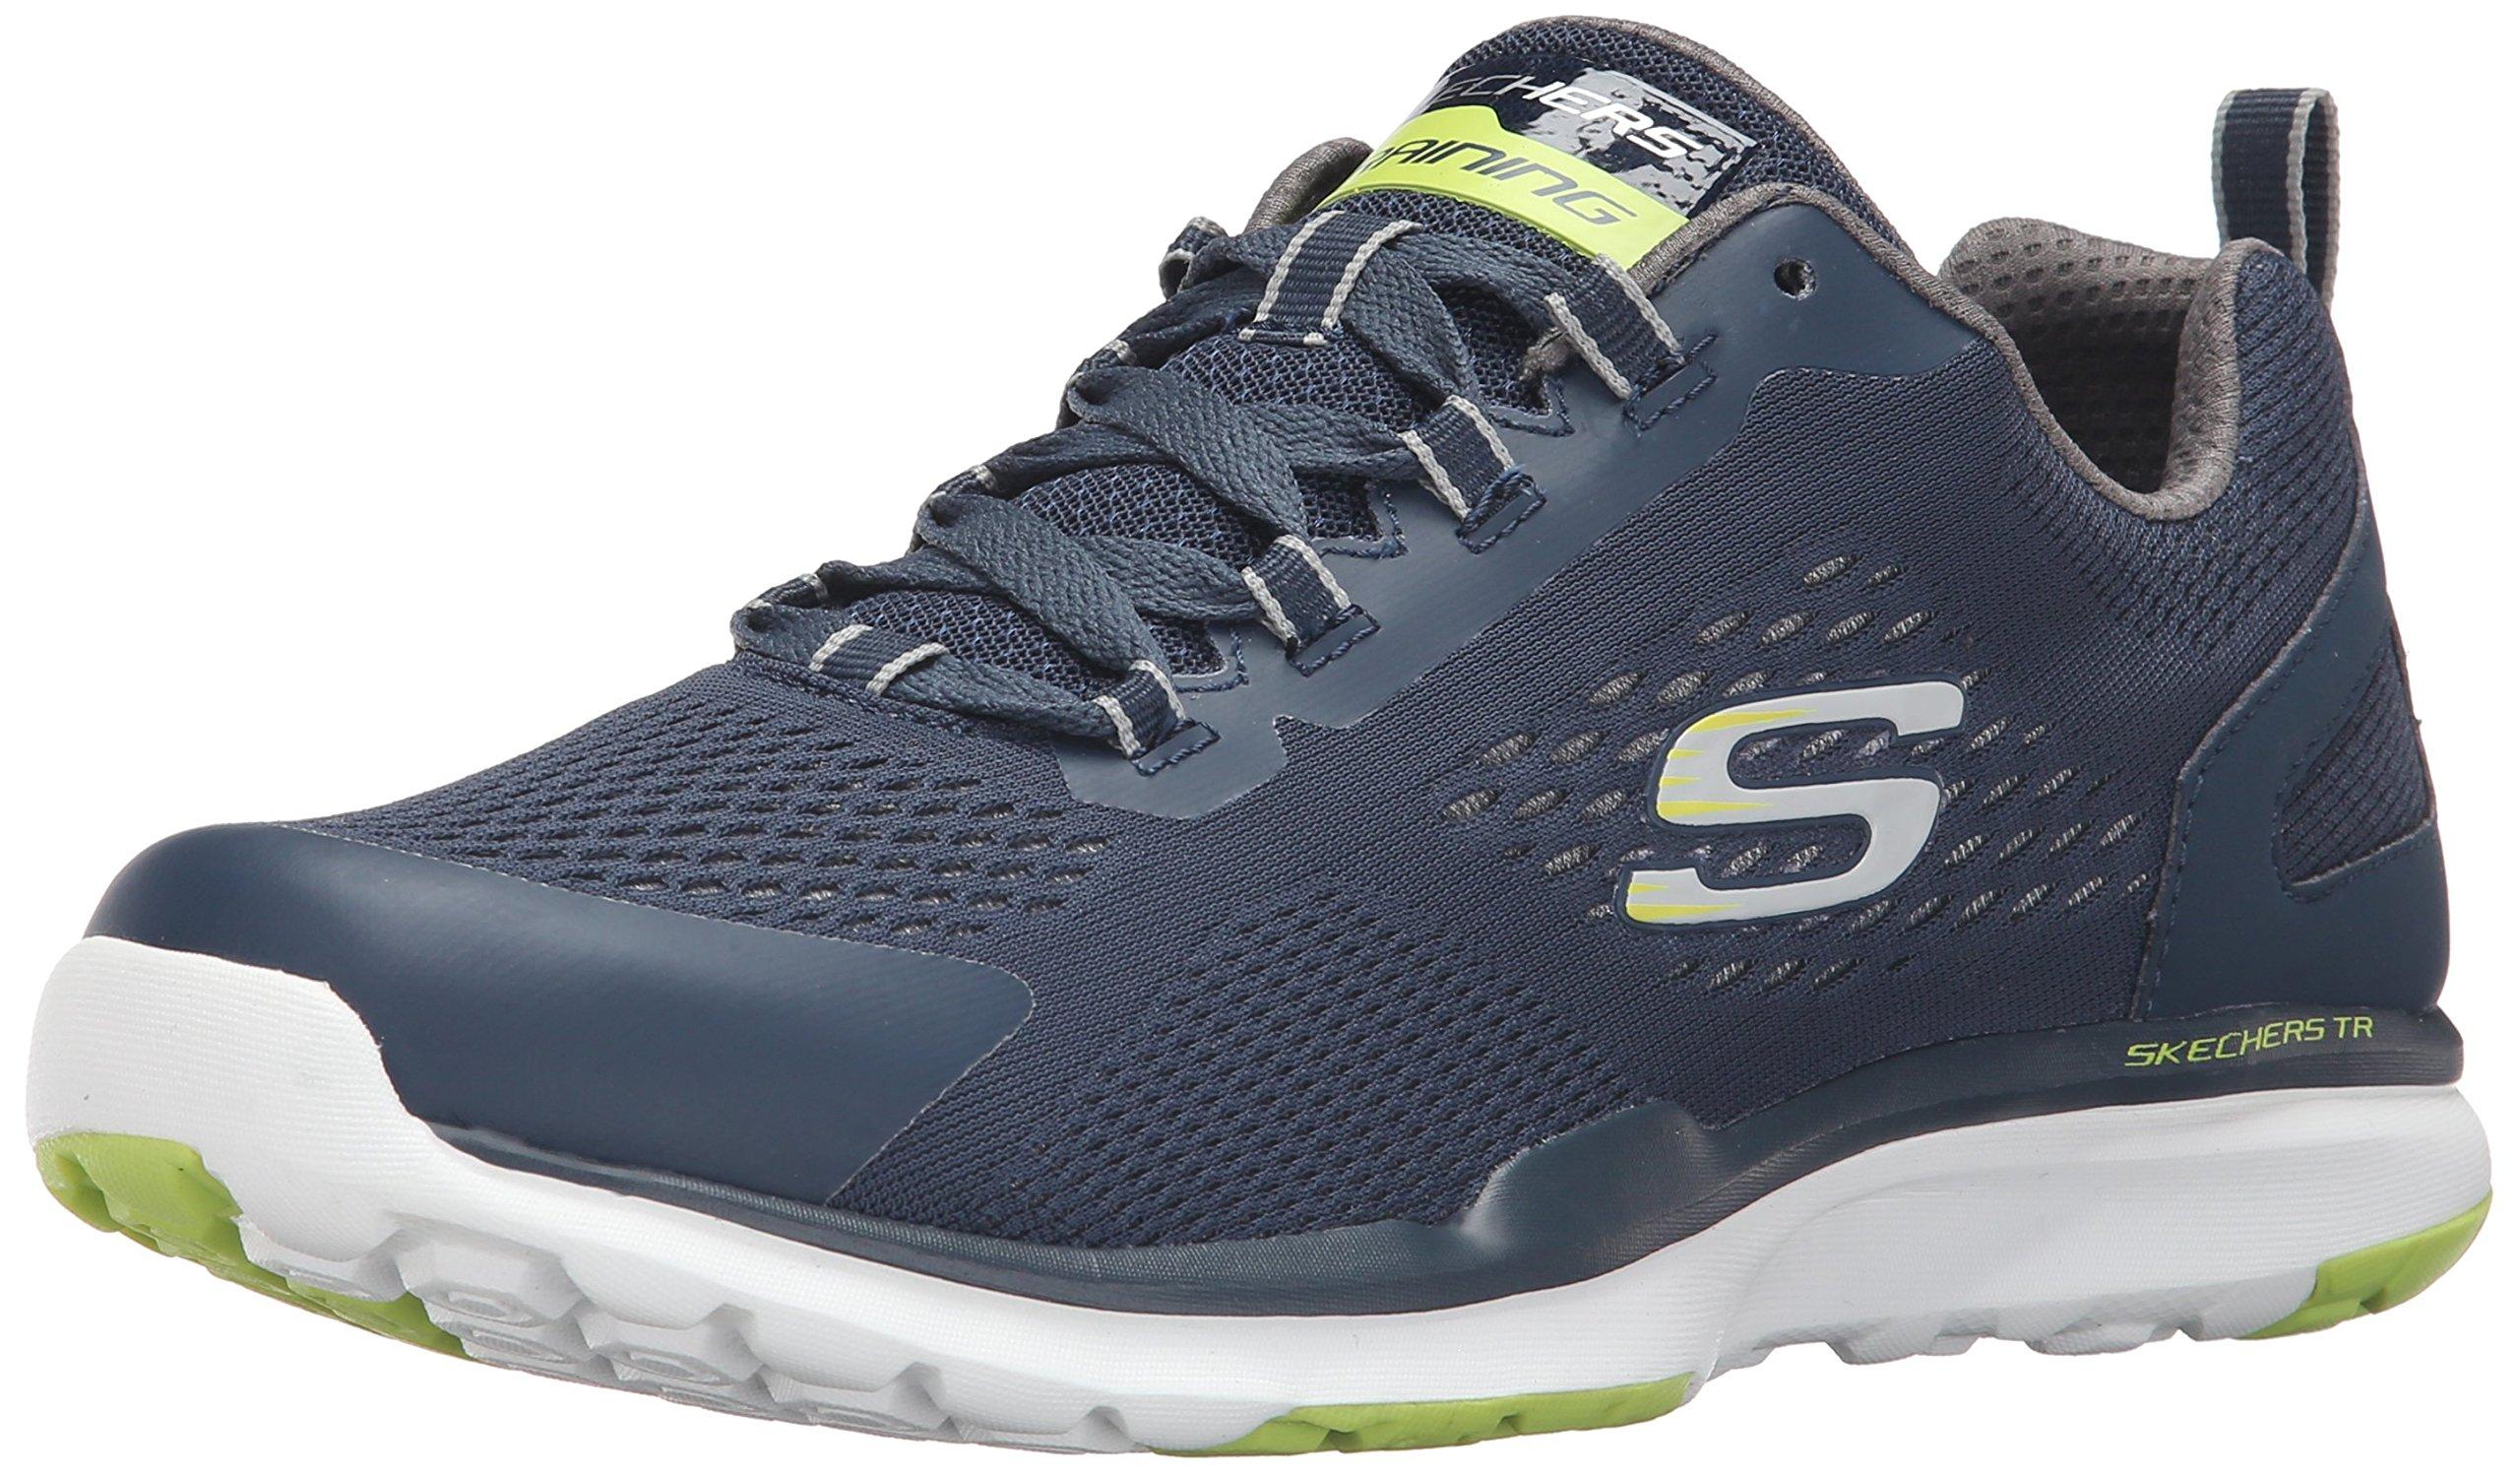 Calzado deportivo para hombre, color Negro , marca SKECHERS, modelo Calzado Deportivo Para Hombre SKECHERS 51543S SUPERSET Negro, azul marino/verde lima, 44